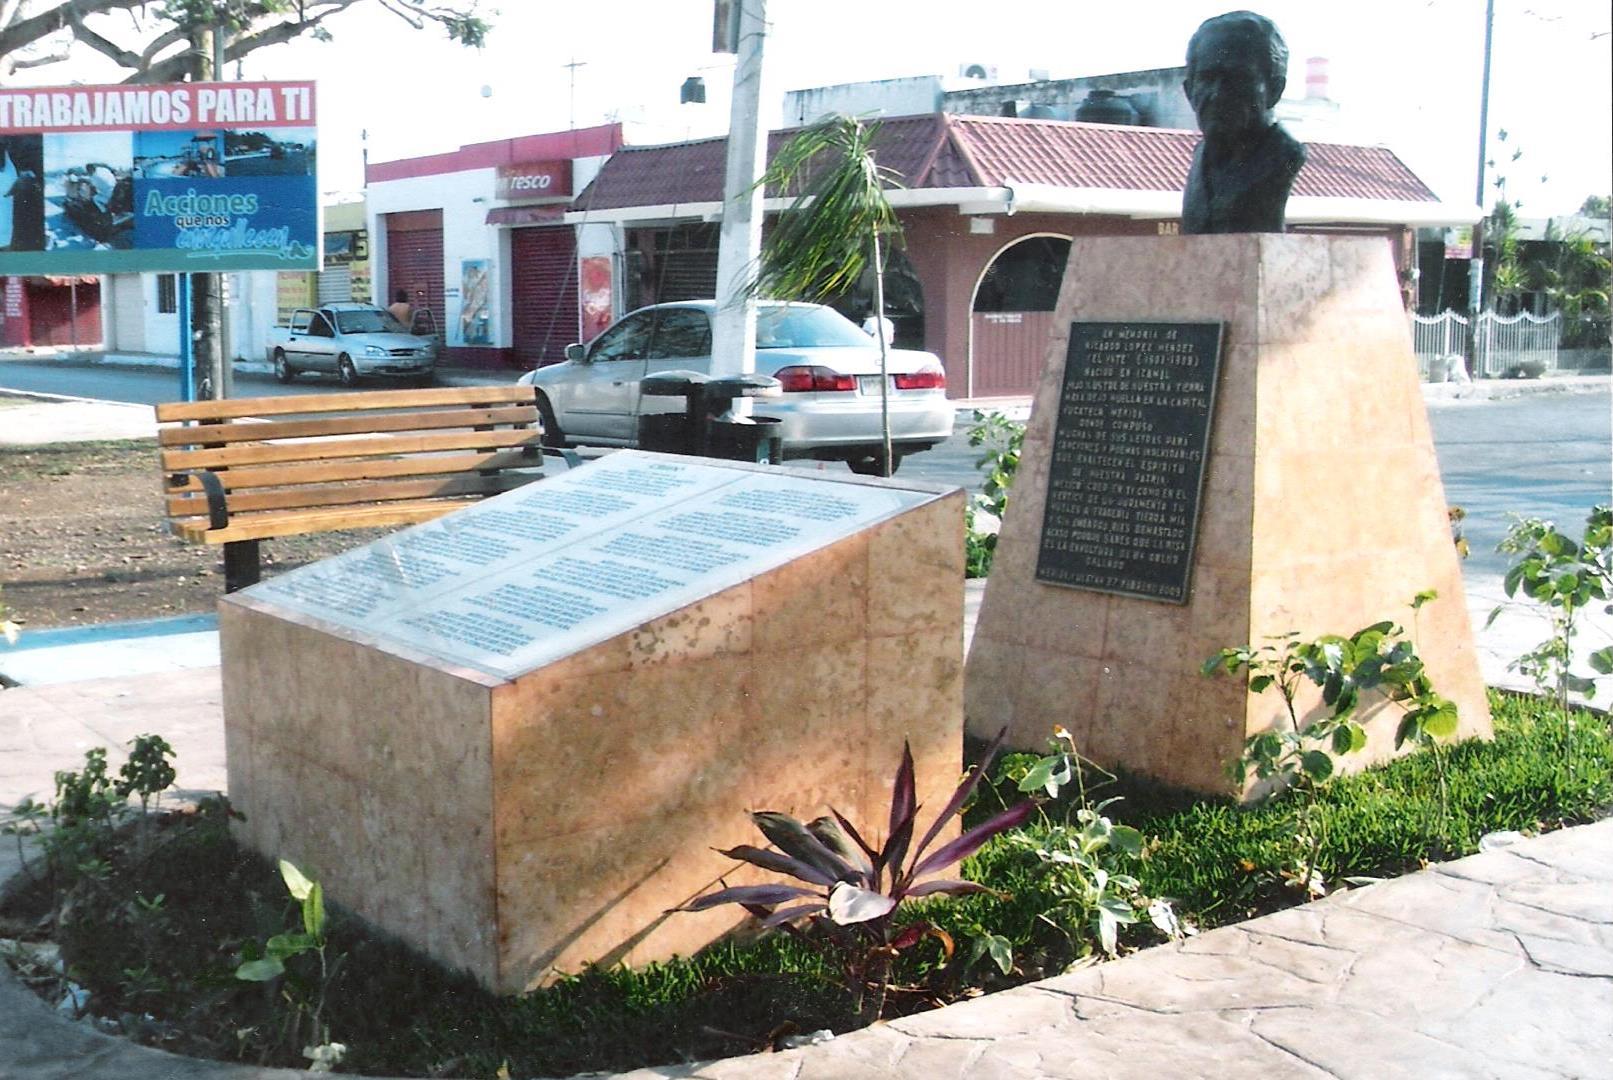 Monumento en honor del Vate López Méndez, en Cordemex, Mérida, Yucatán, México